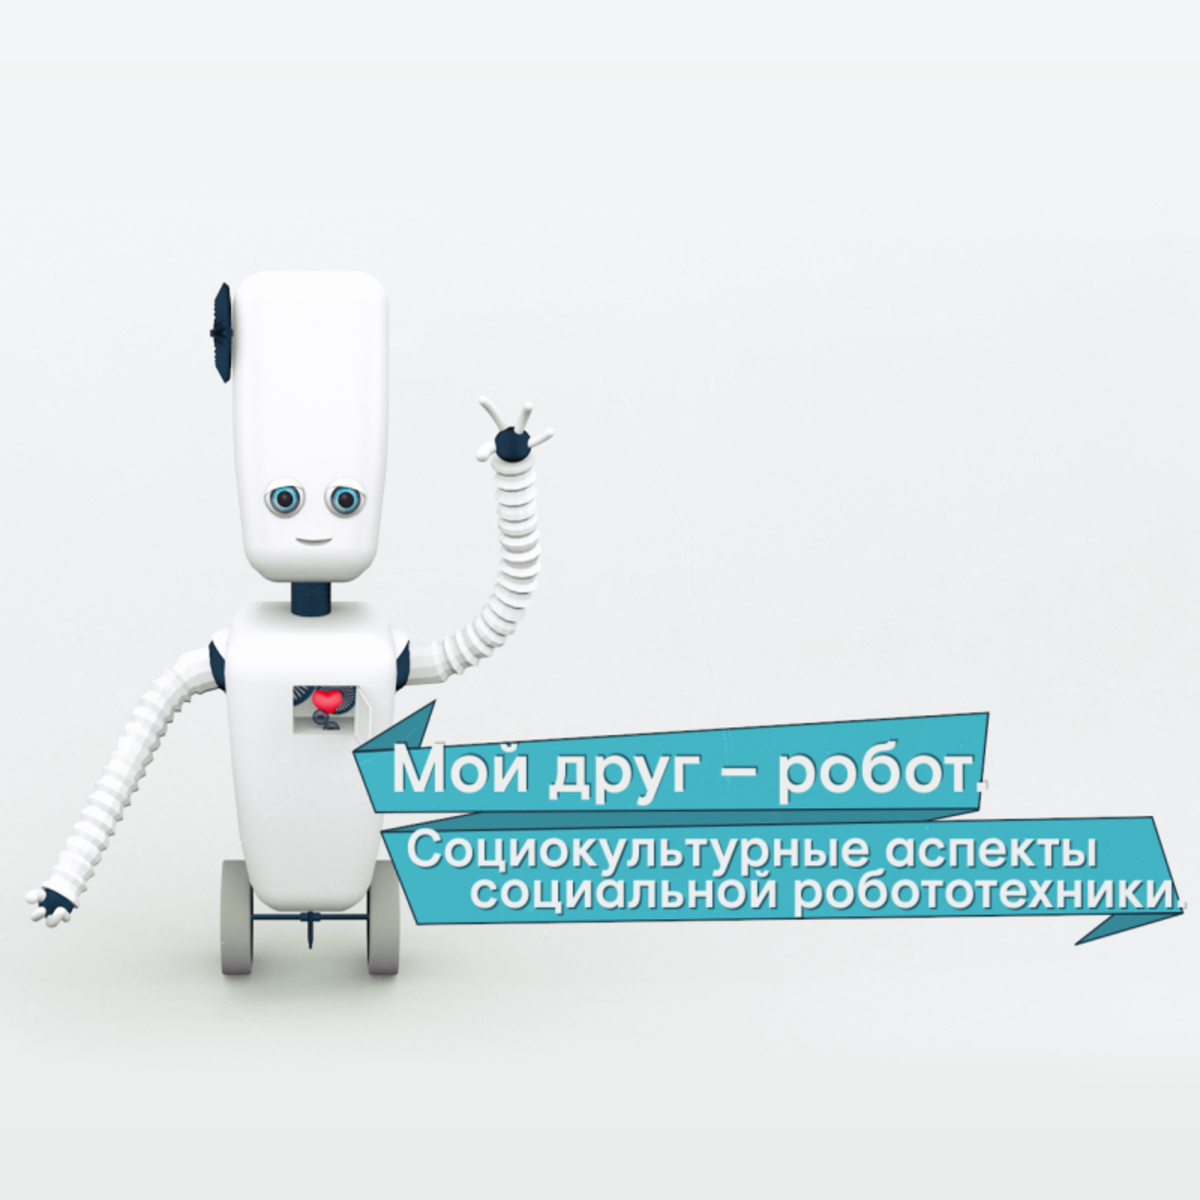 Мой друг – робот. Социокультурные аспекты социальной робототехники course image